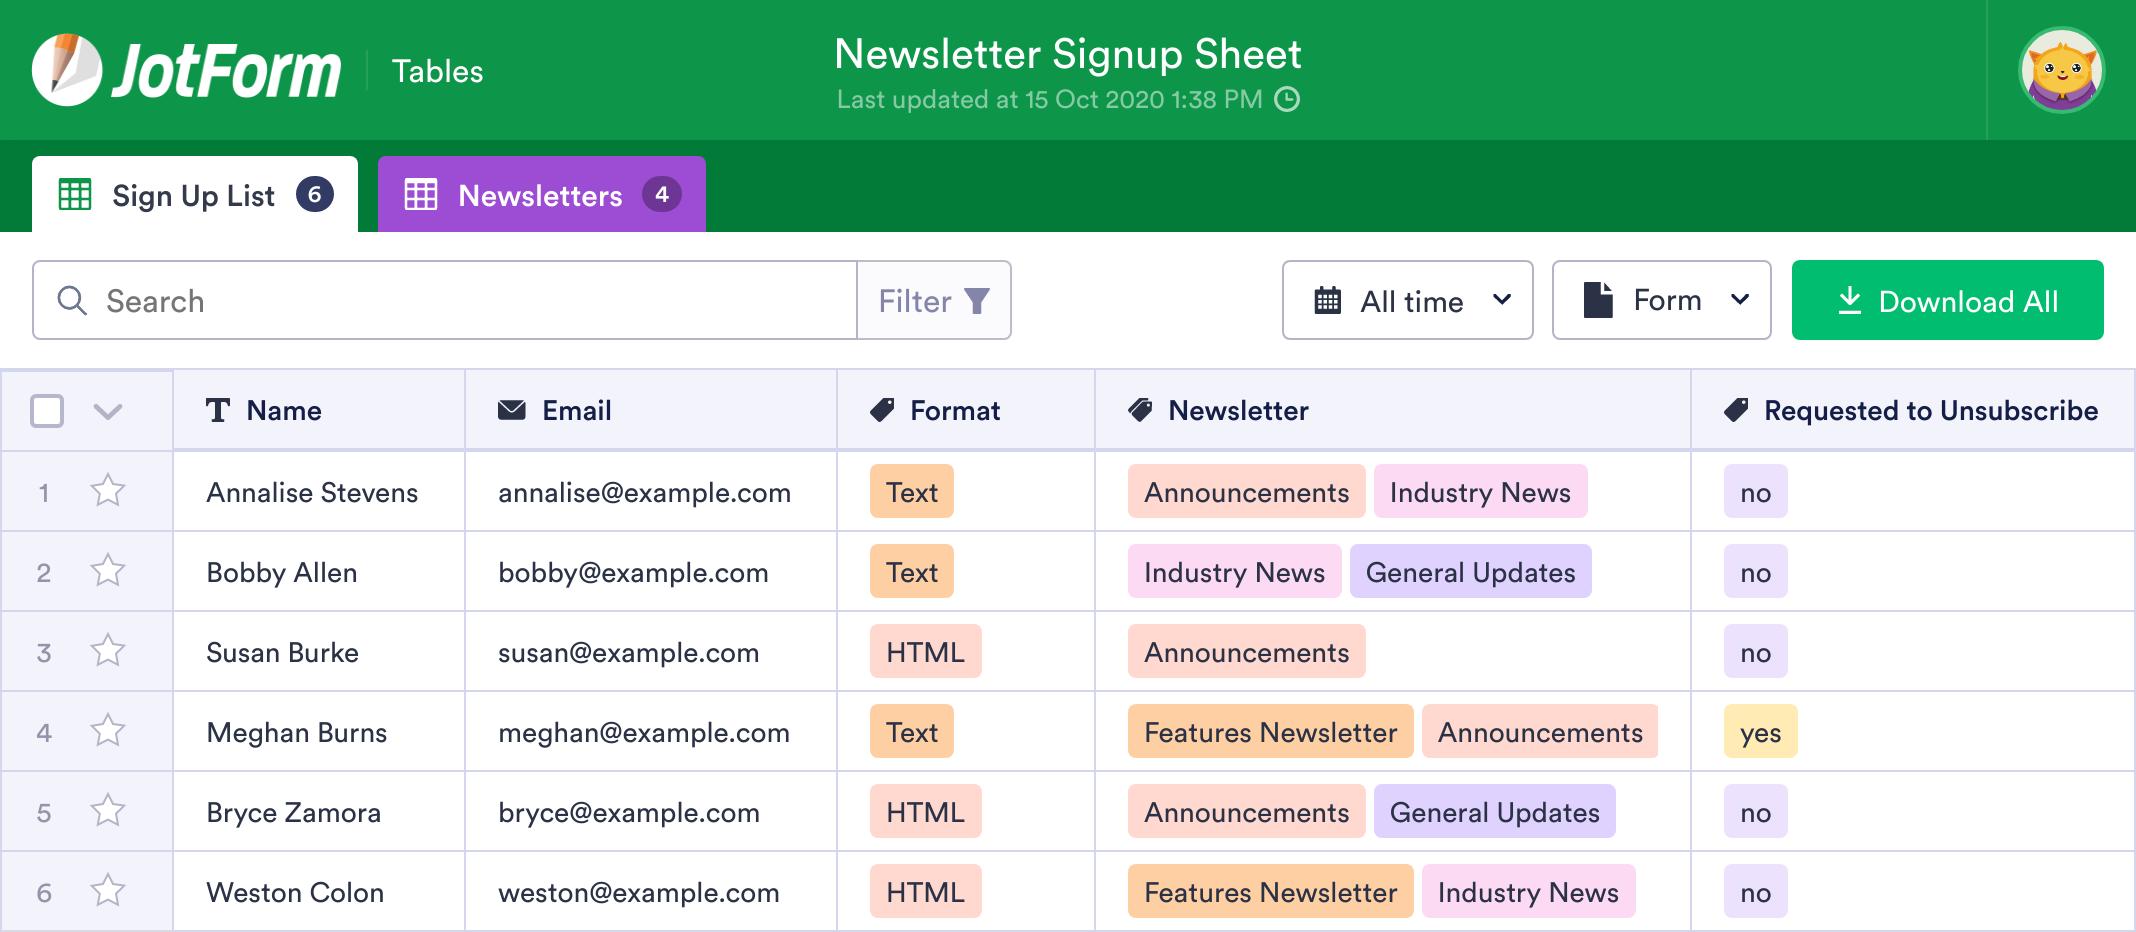 Newsletter Signup Sheet